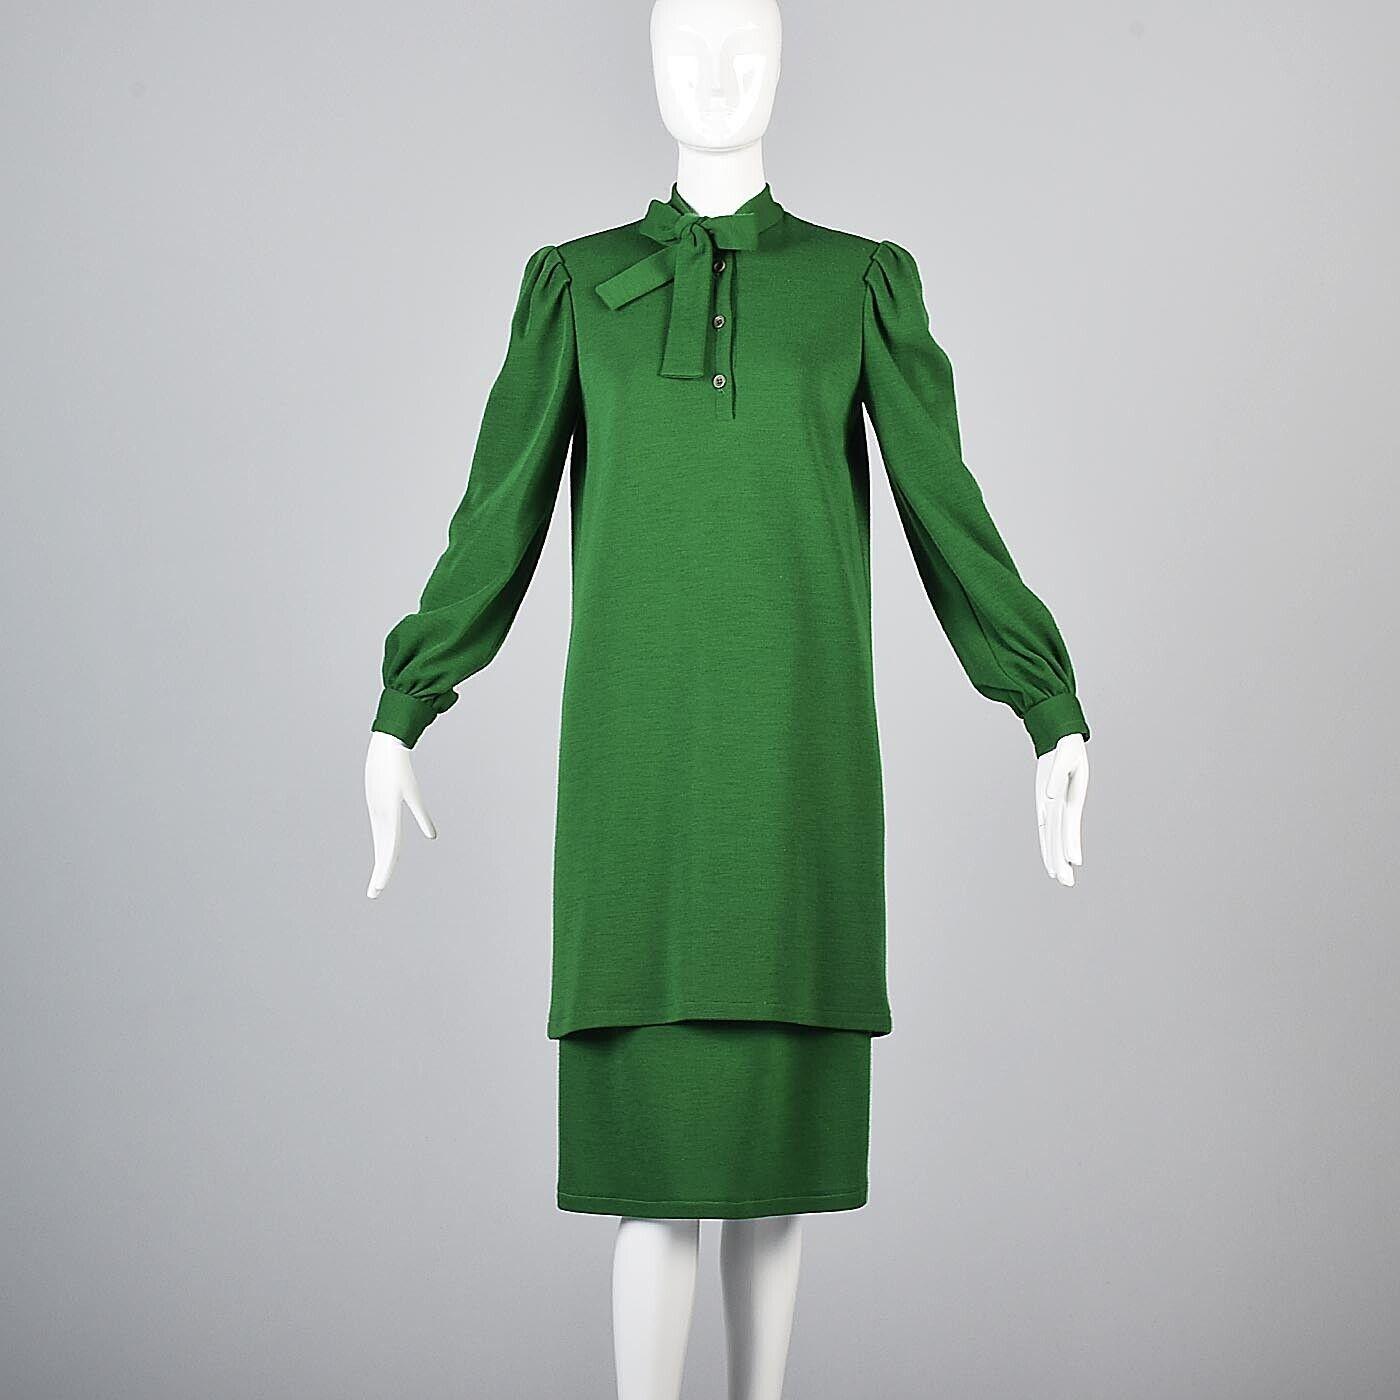 Vintage XS  1970s 70s Bill Blass verde Lana de Punto Vestido Falda Traje Conjunto separa  calidad fantástica